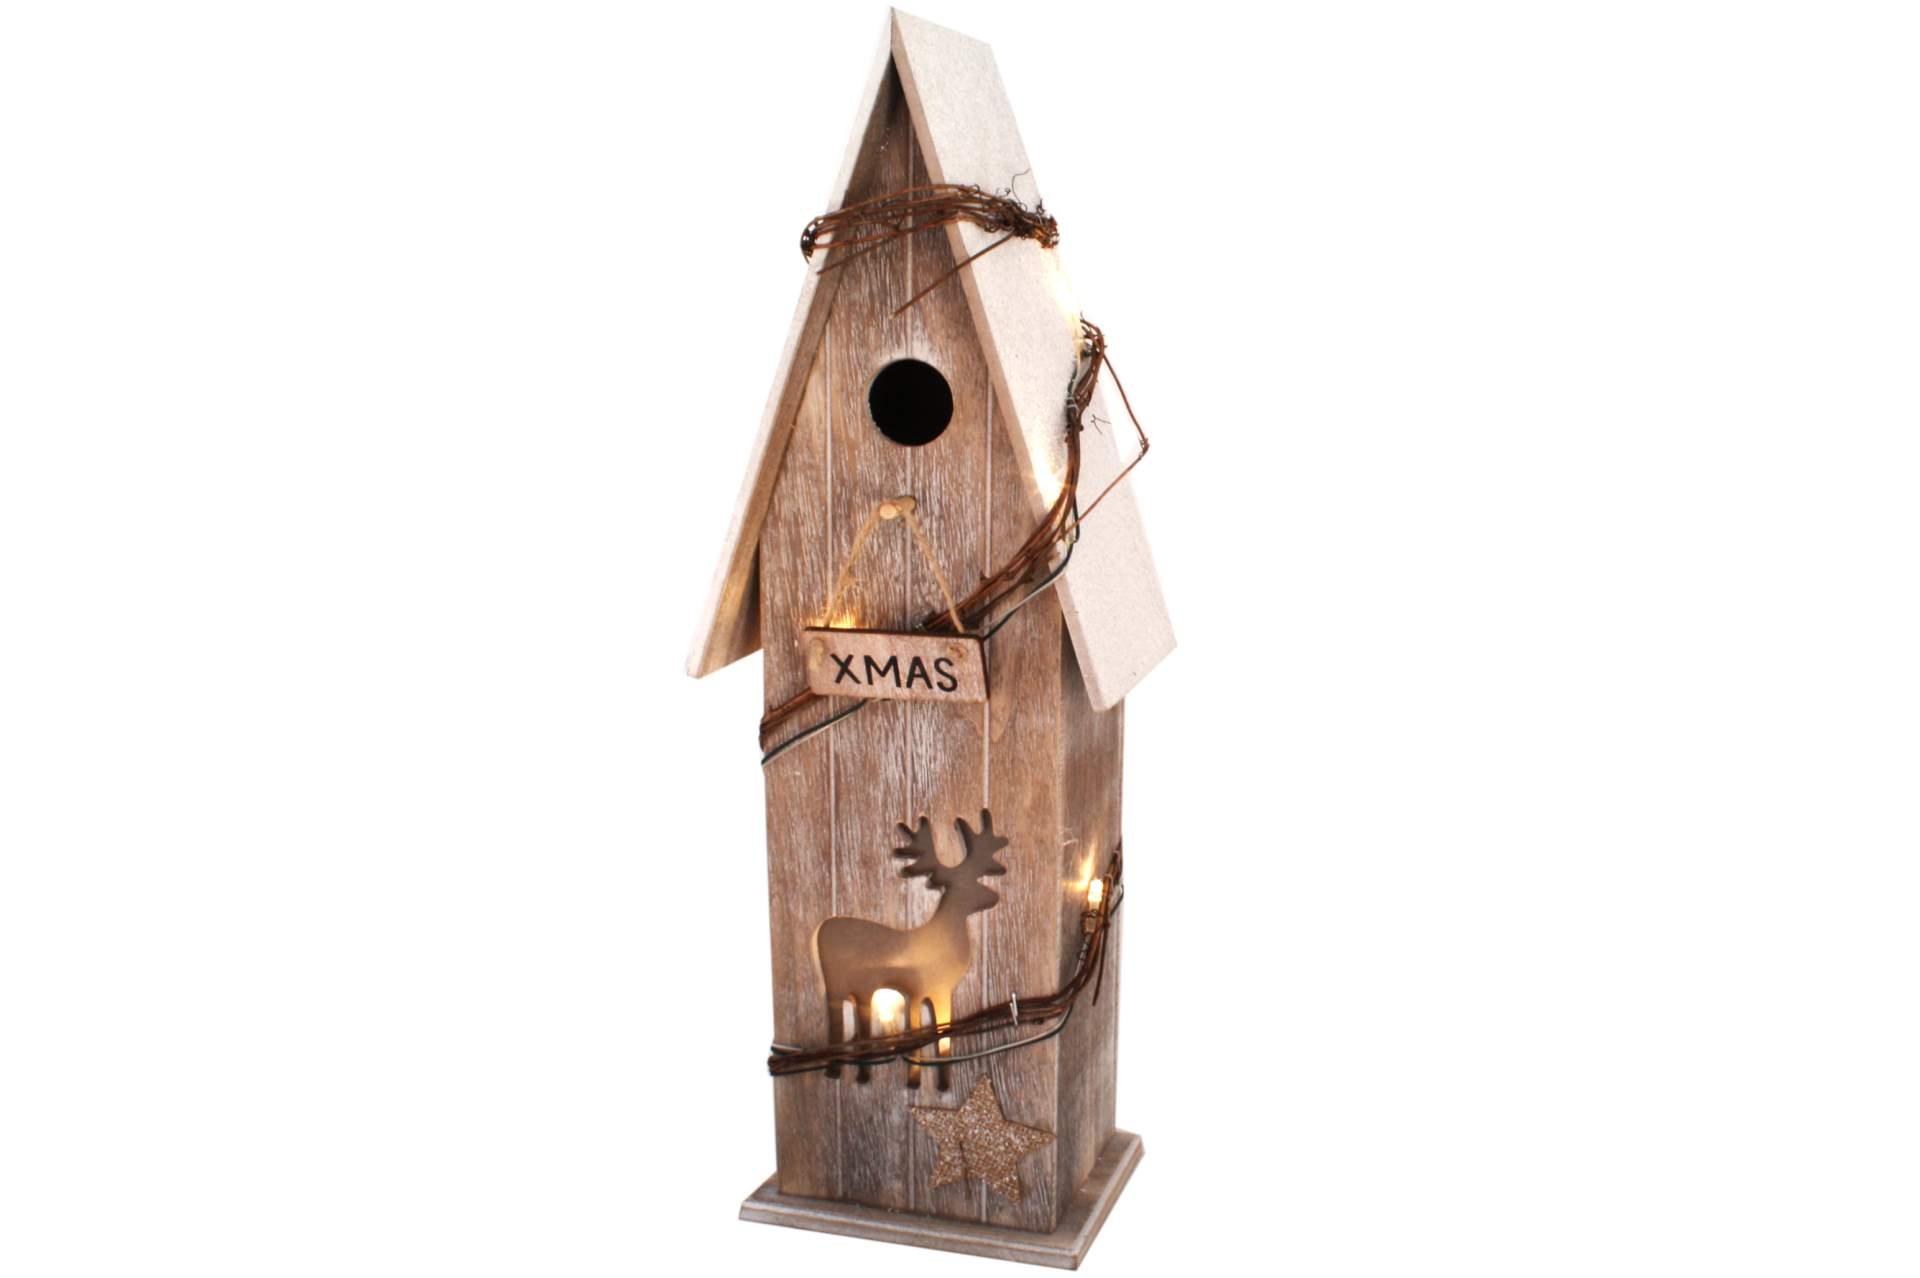 deko holzhaus xmas mit led beleuchtung 43 cm weihnachten. Black Bedroom Furniture Sets. Home Design Ideas